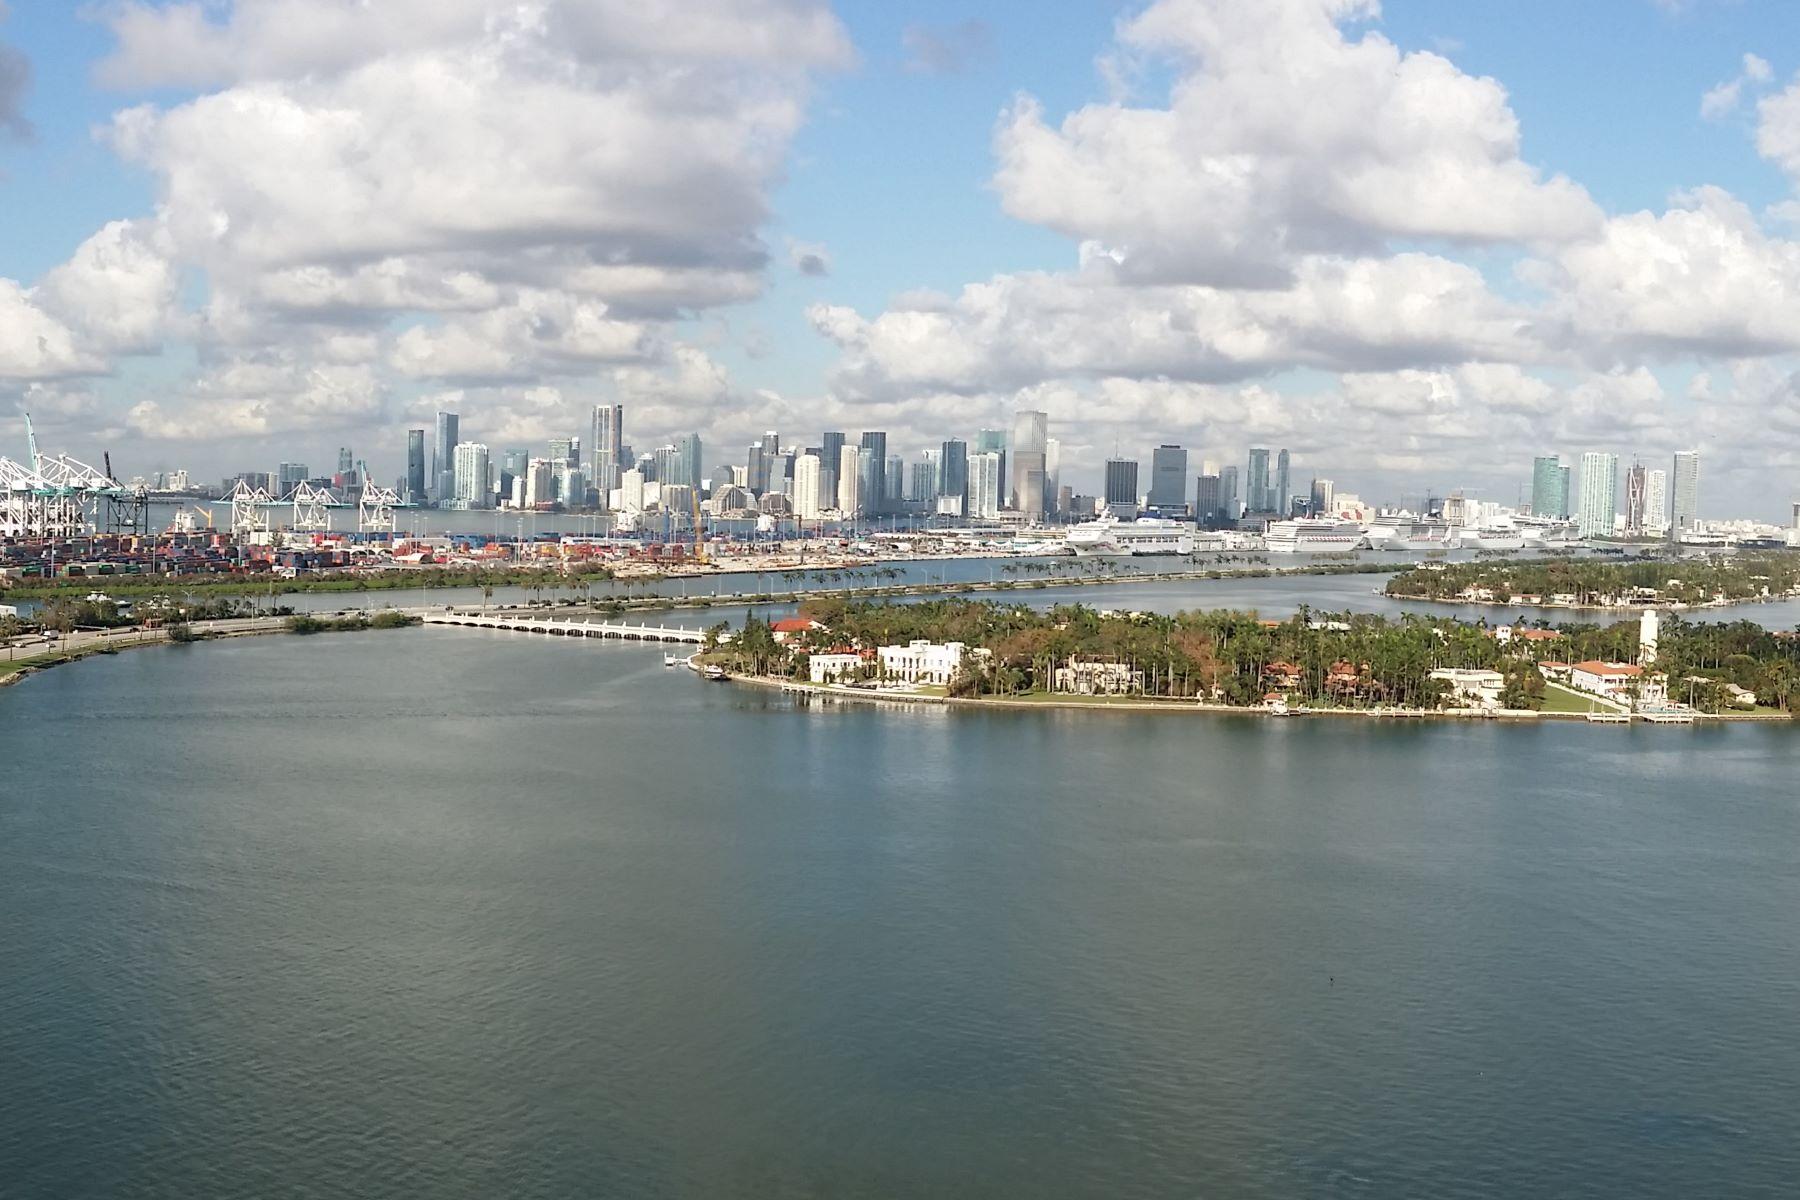 Condominium for Rent at 540 West Av #2311 540 West Av 2311 Miami Beach, Florida, 33139 United States